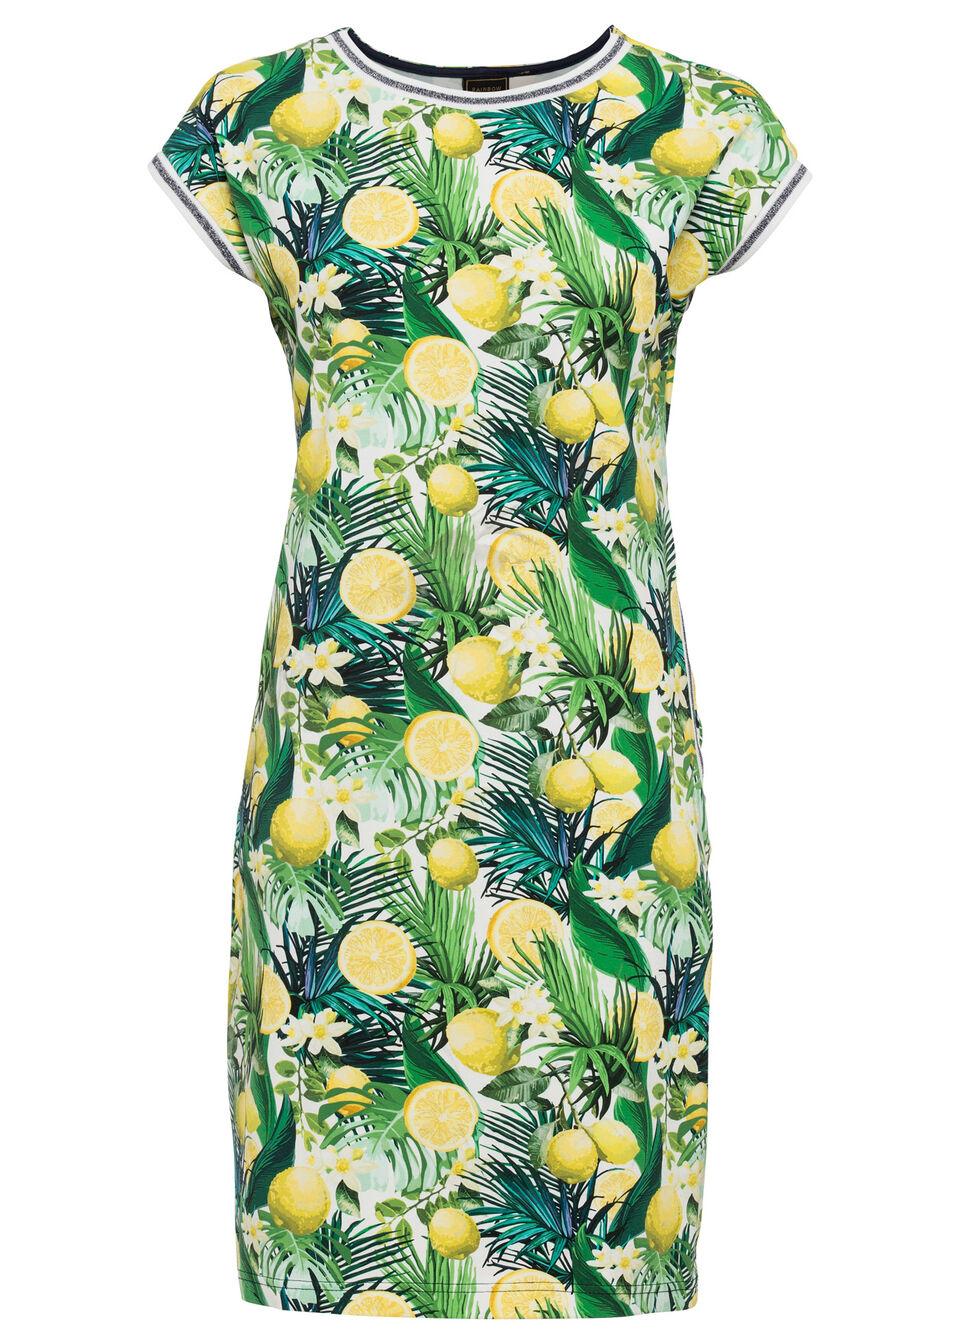 Sukienka z dżerseju, krótki rękaw bonprix żółto-zielono-biały wzorzysty